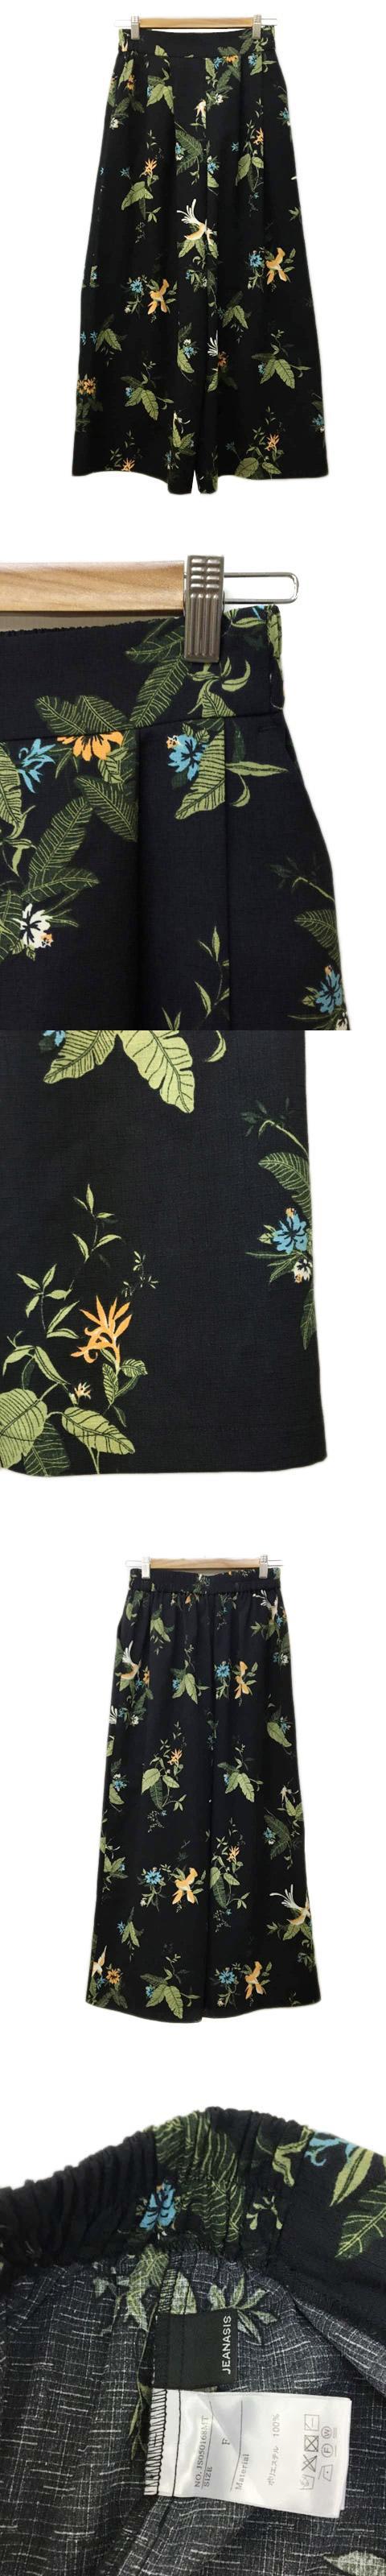 パンツ ワイドパンツ タック ボタニカル柄 ウエストゴム F 黒 緑 ブラック グリーン